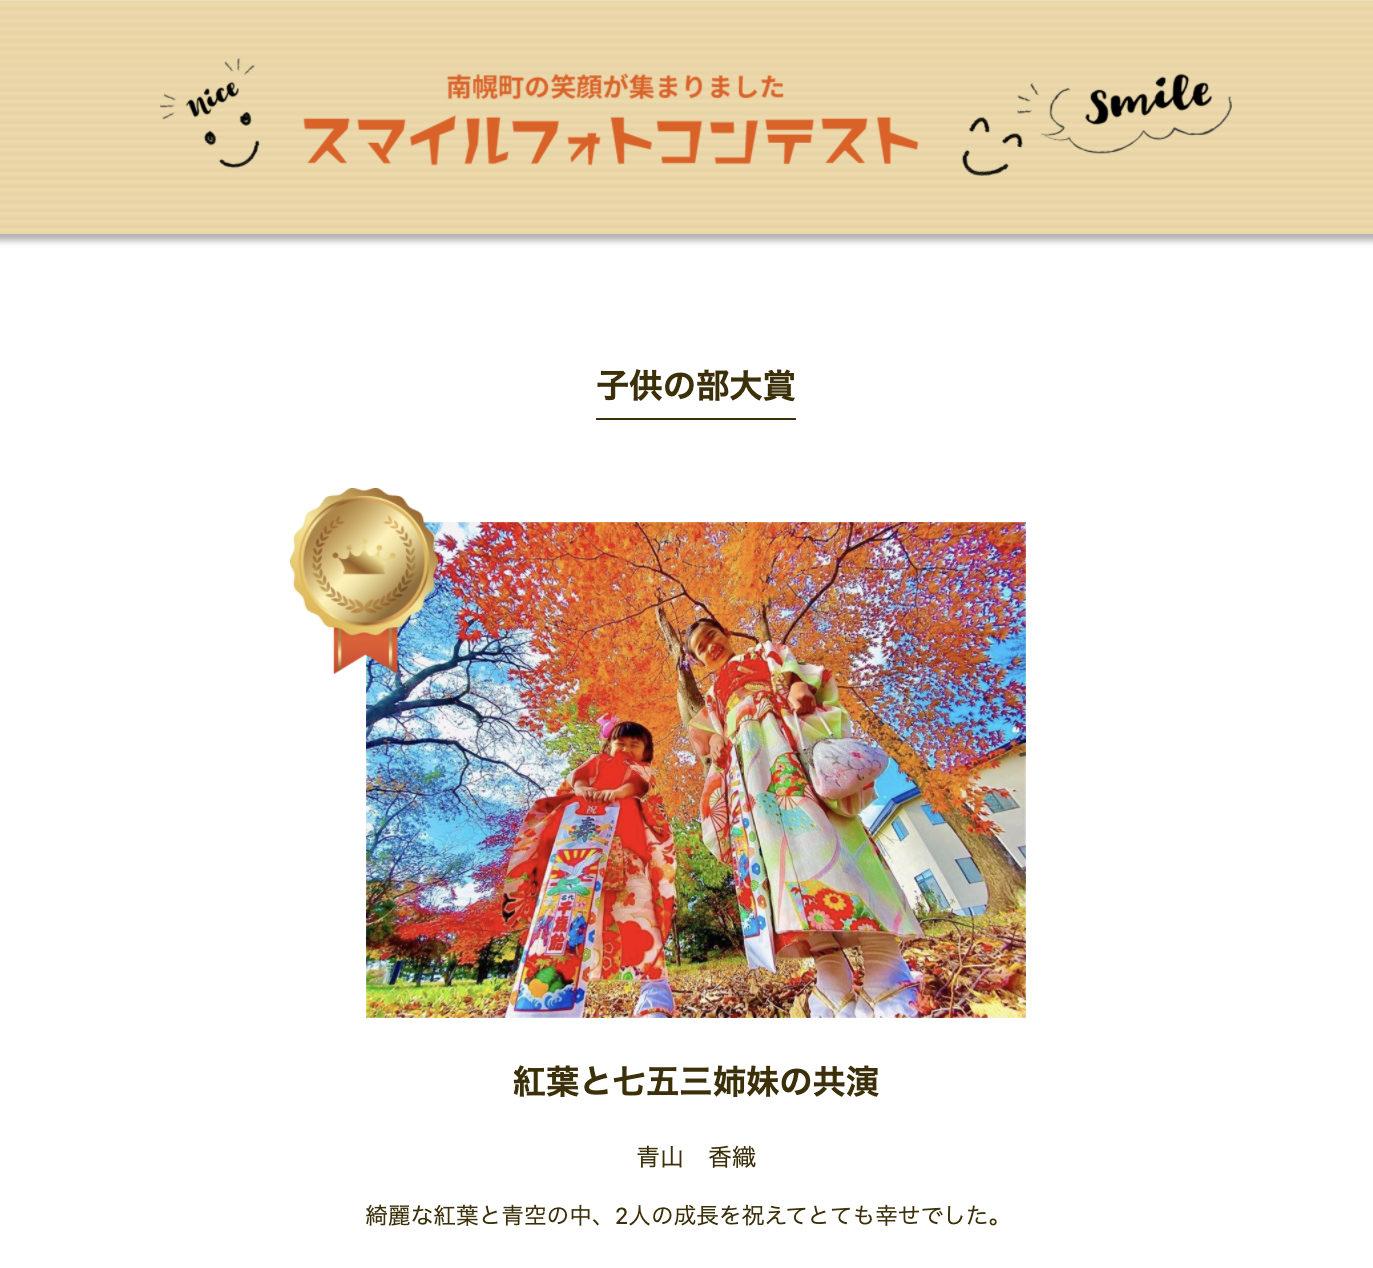 スマイルフォトコンテストの大賞発表!